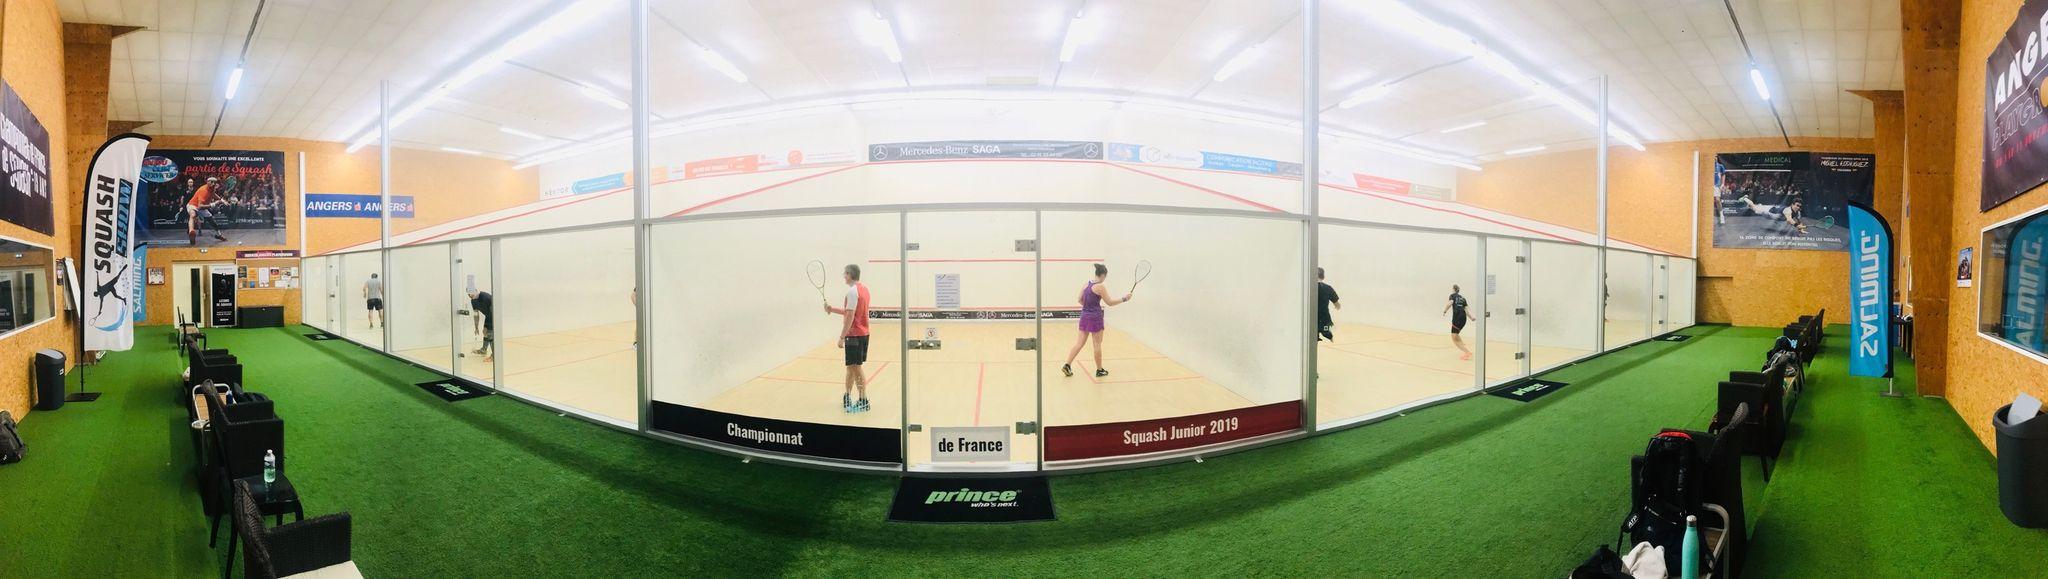 Club de squash à Angers